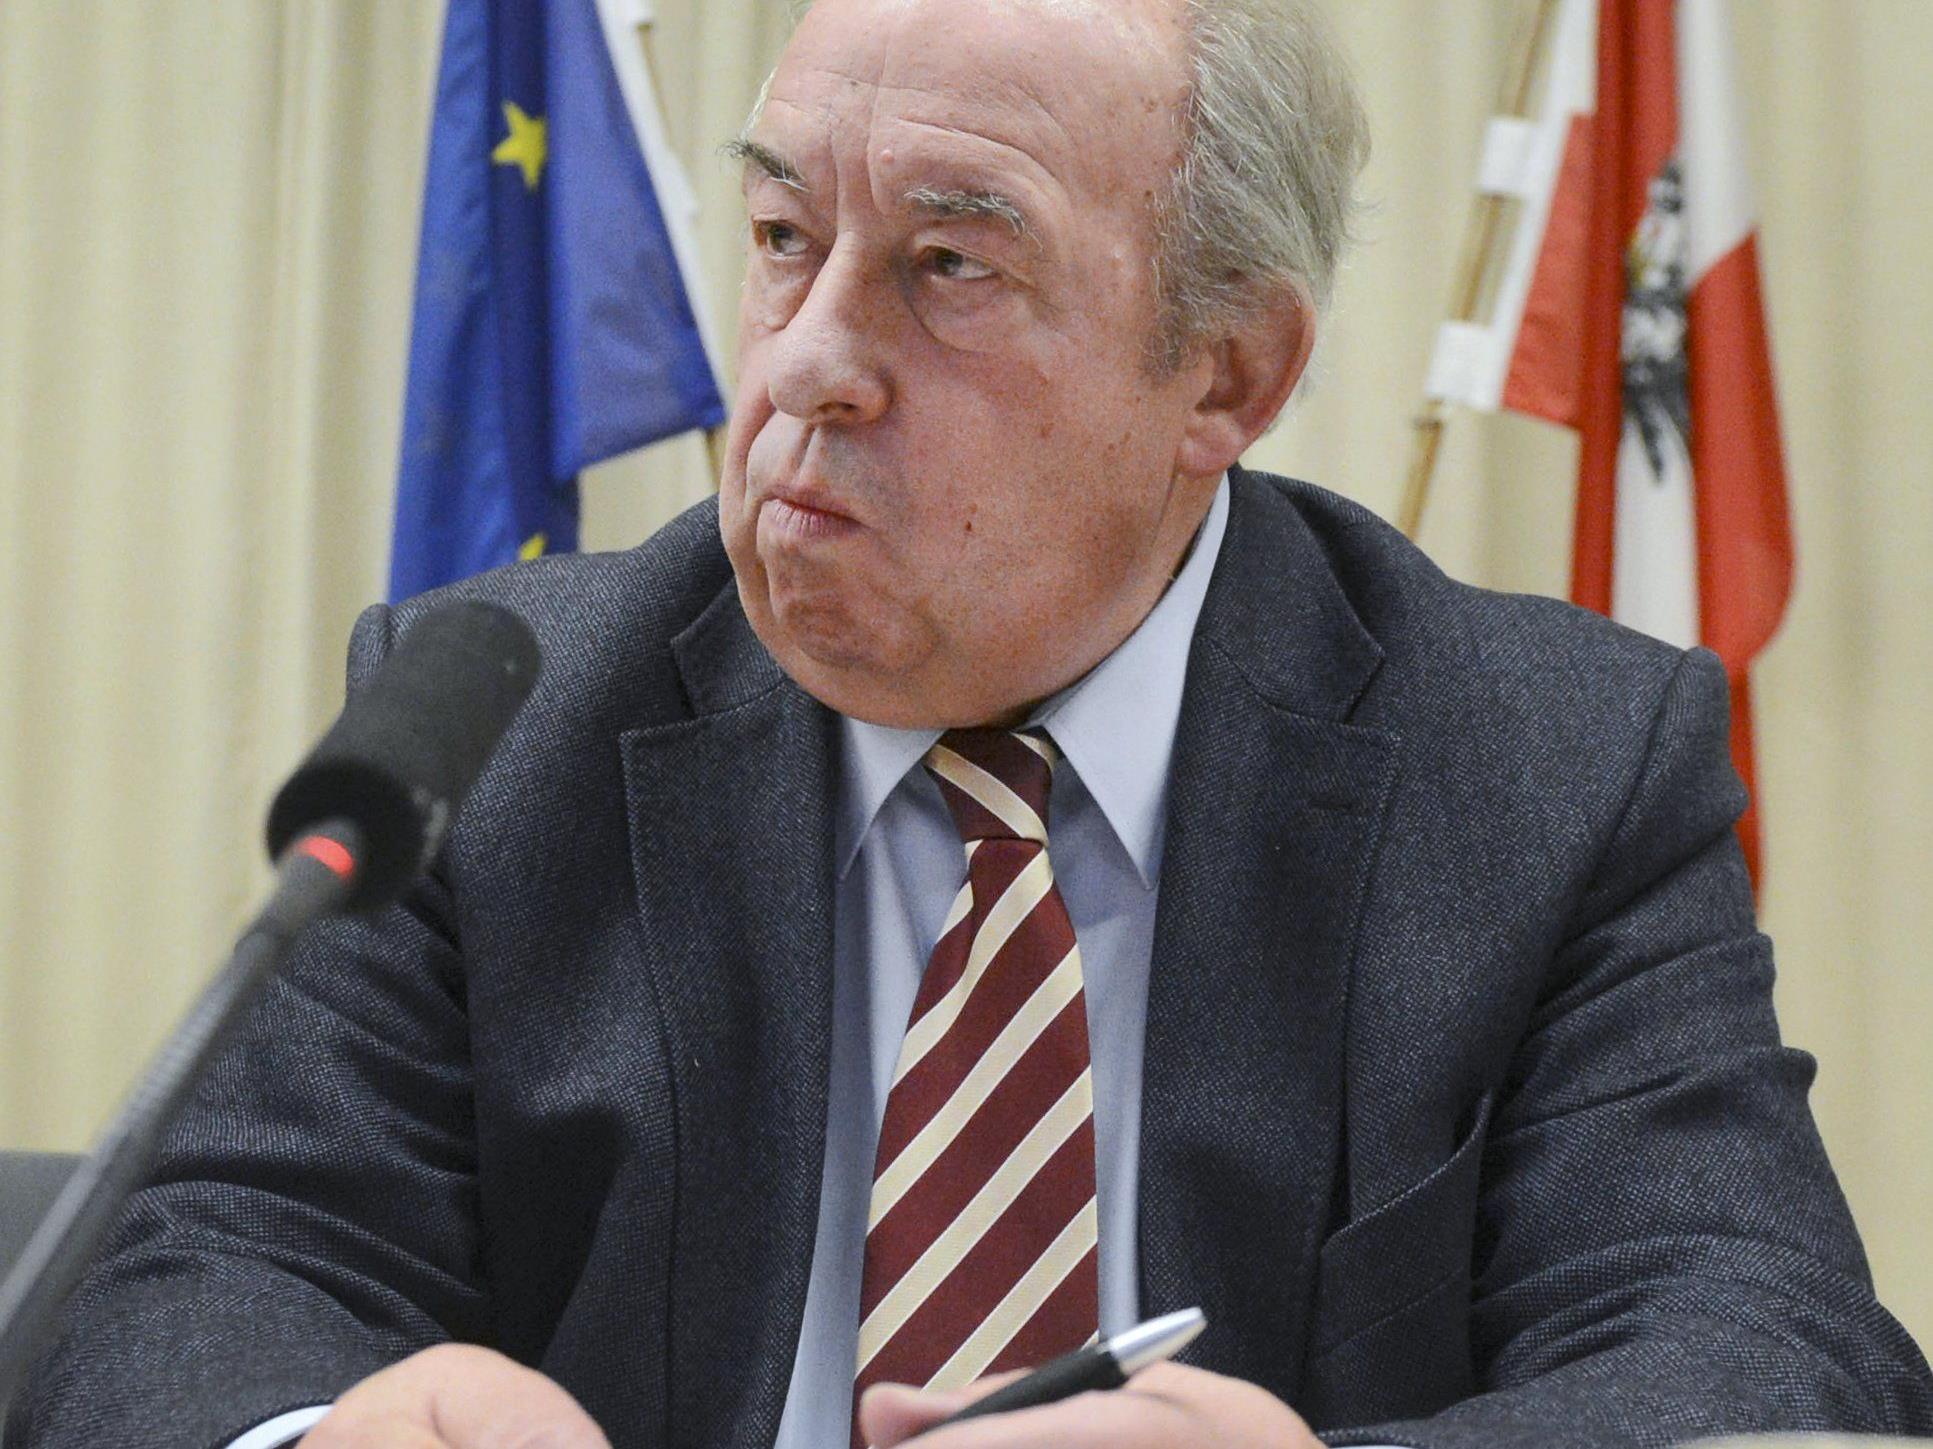 GÖD-Bundeskonferenz fordert Regierung zur Wiederaufnahme der Verhandlungen